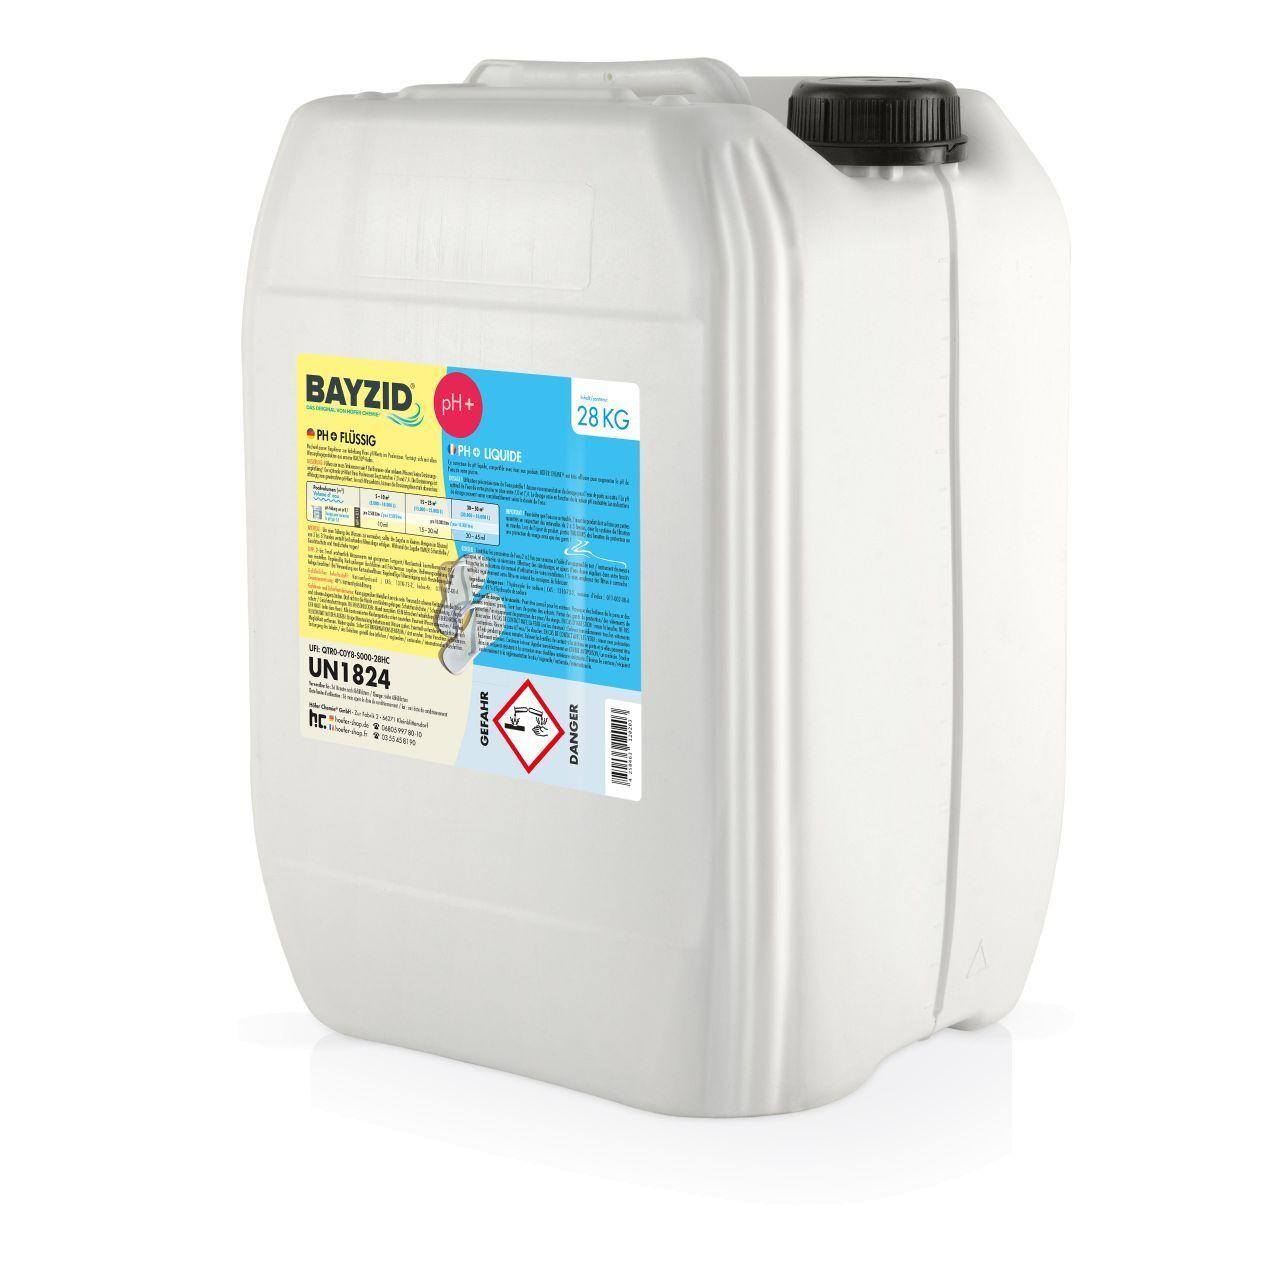 BAYZID 56 kg Bayzid® pH plus liquide (2 x 28 kg)